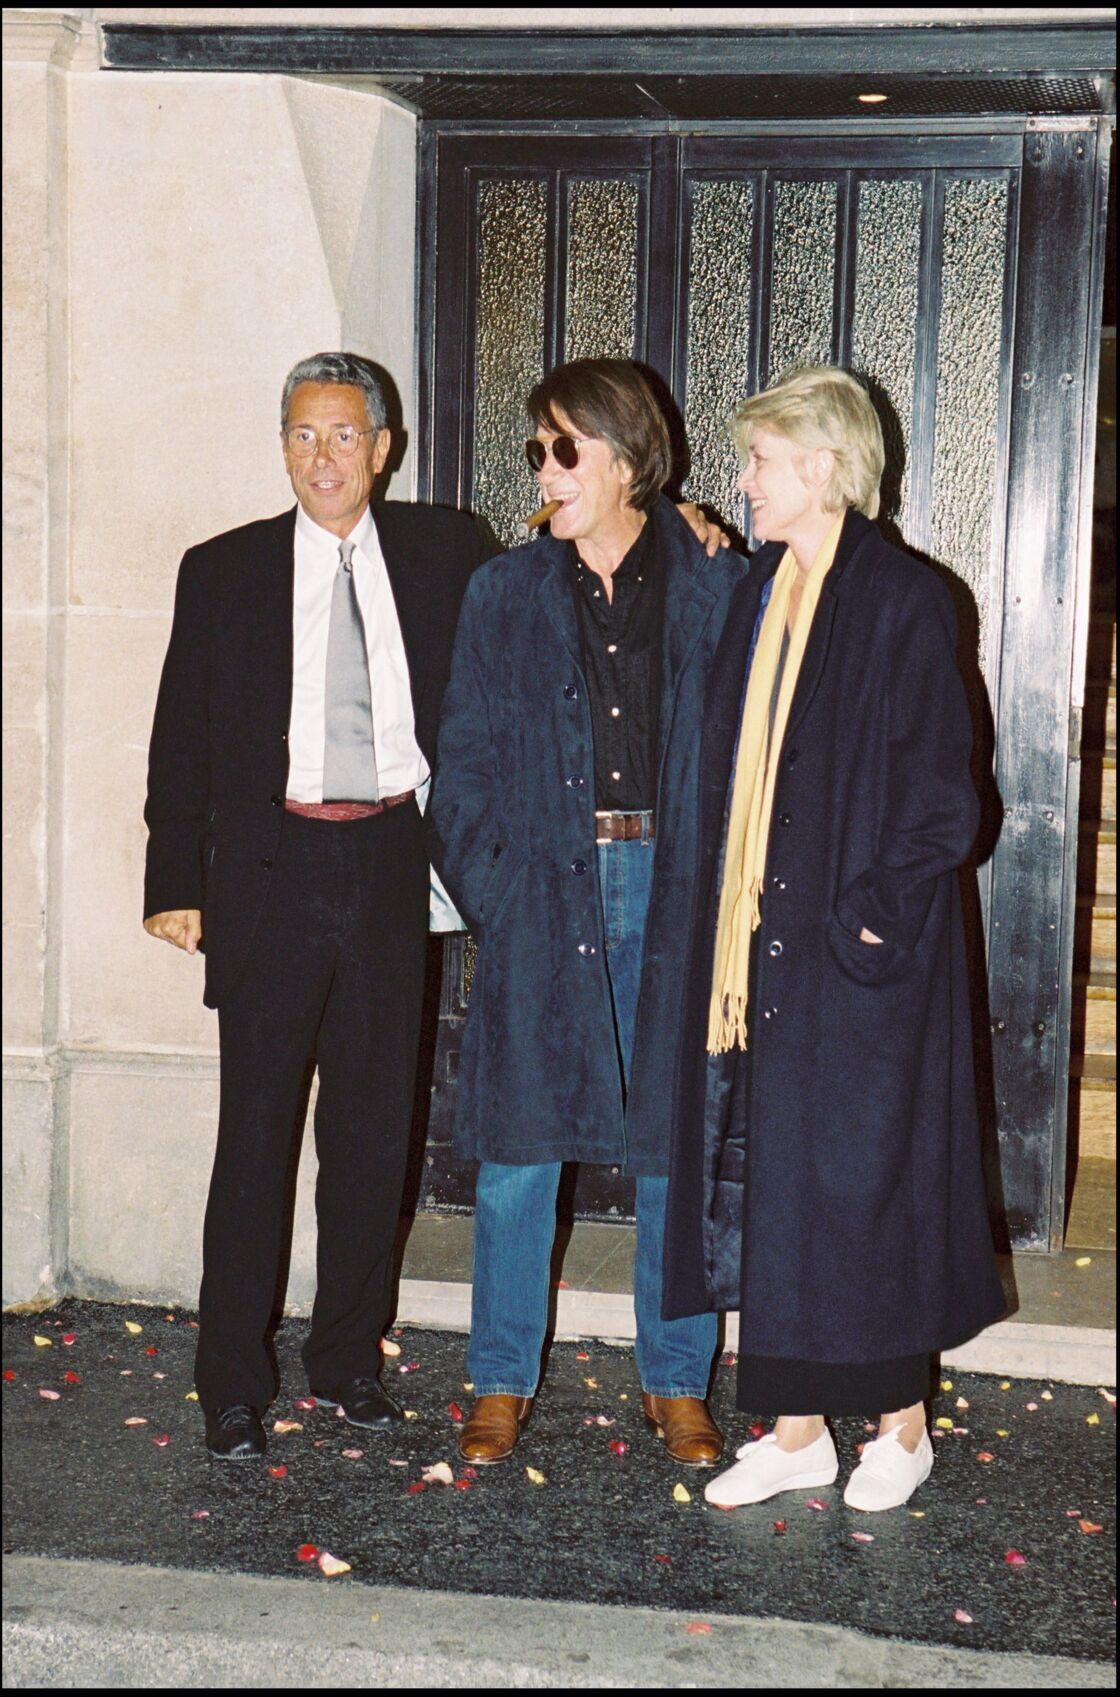 Le maxi pardessus de Françoise Hardy avec Jacques Dutronc et Jean-Marie Périer lors d'un vernissage de Perrier en 1990